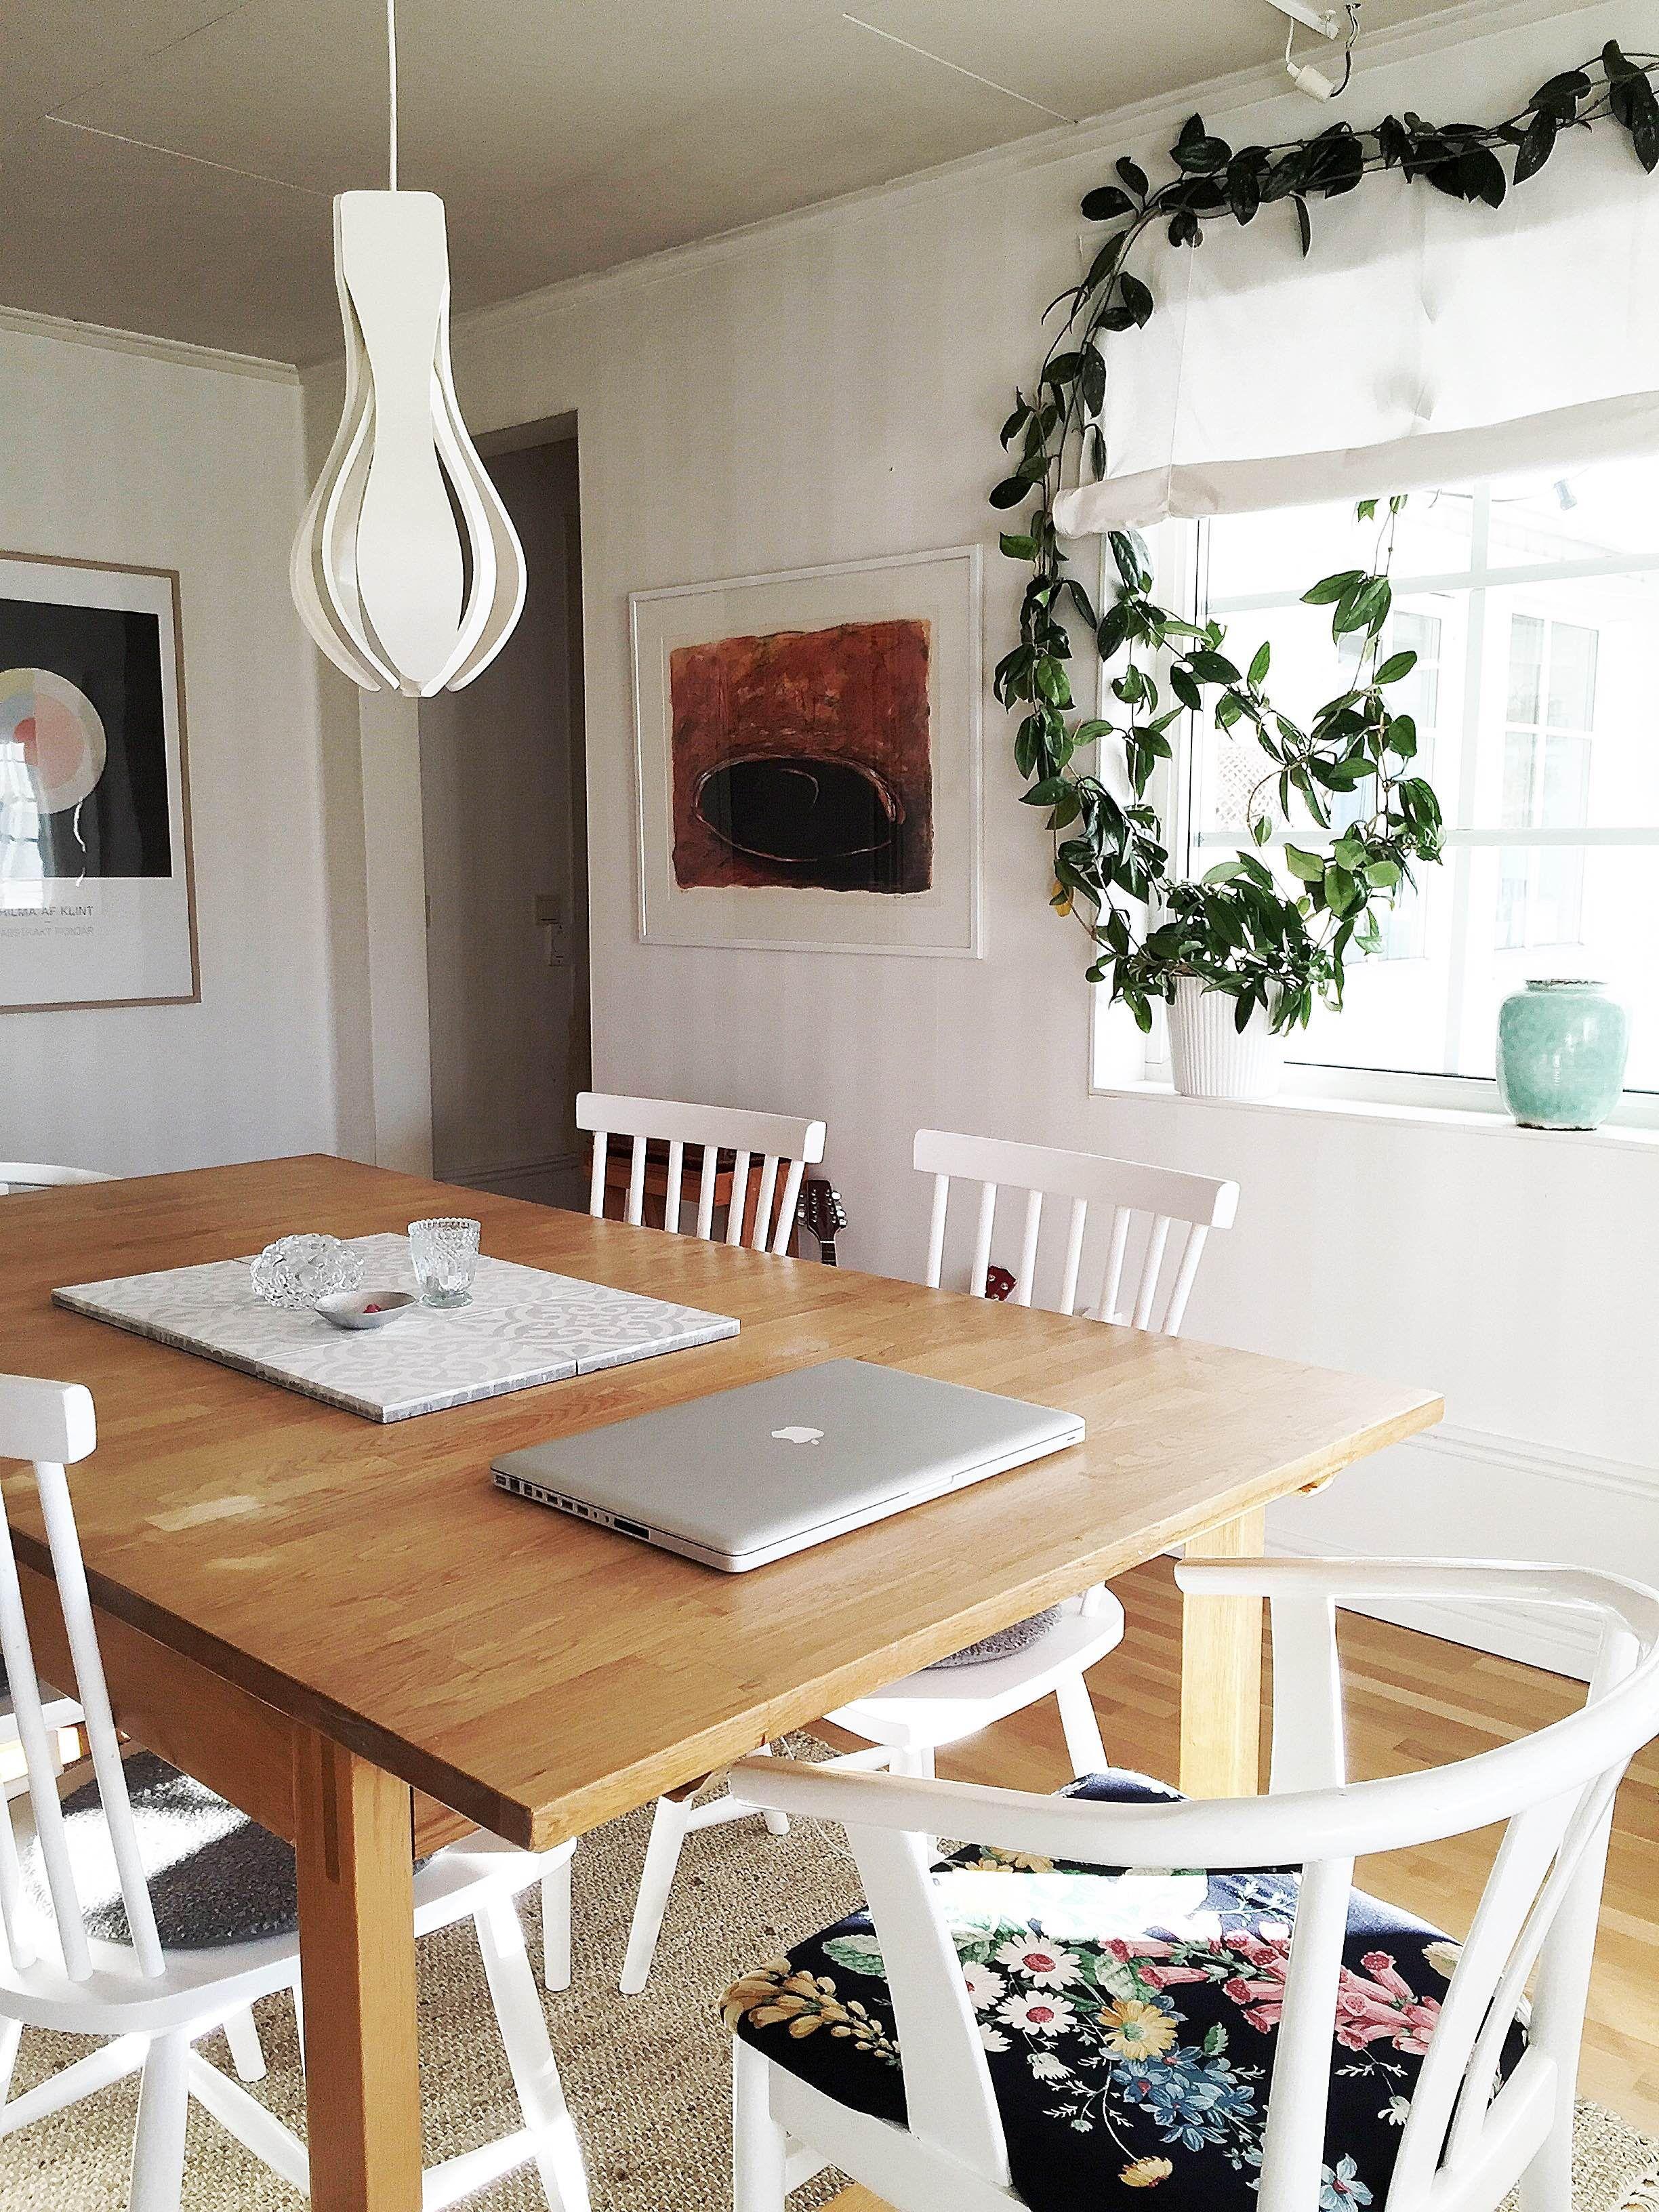 Home of elina dahl illustrator designer